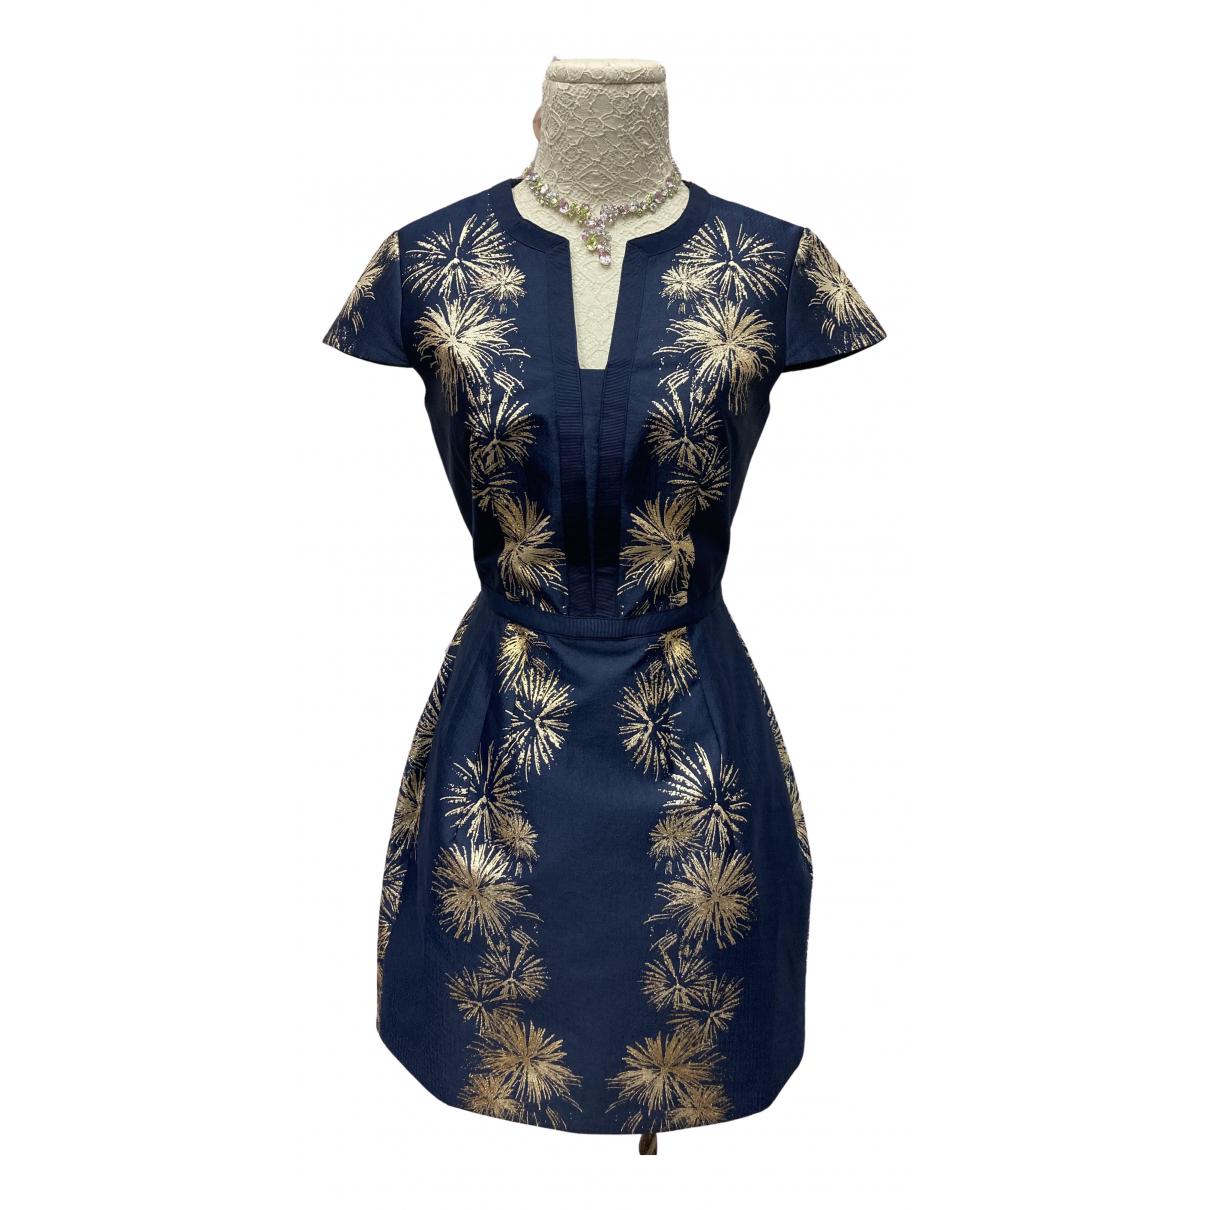 Ted Baker \N Blue dress for Women 34 FR